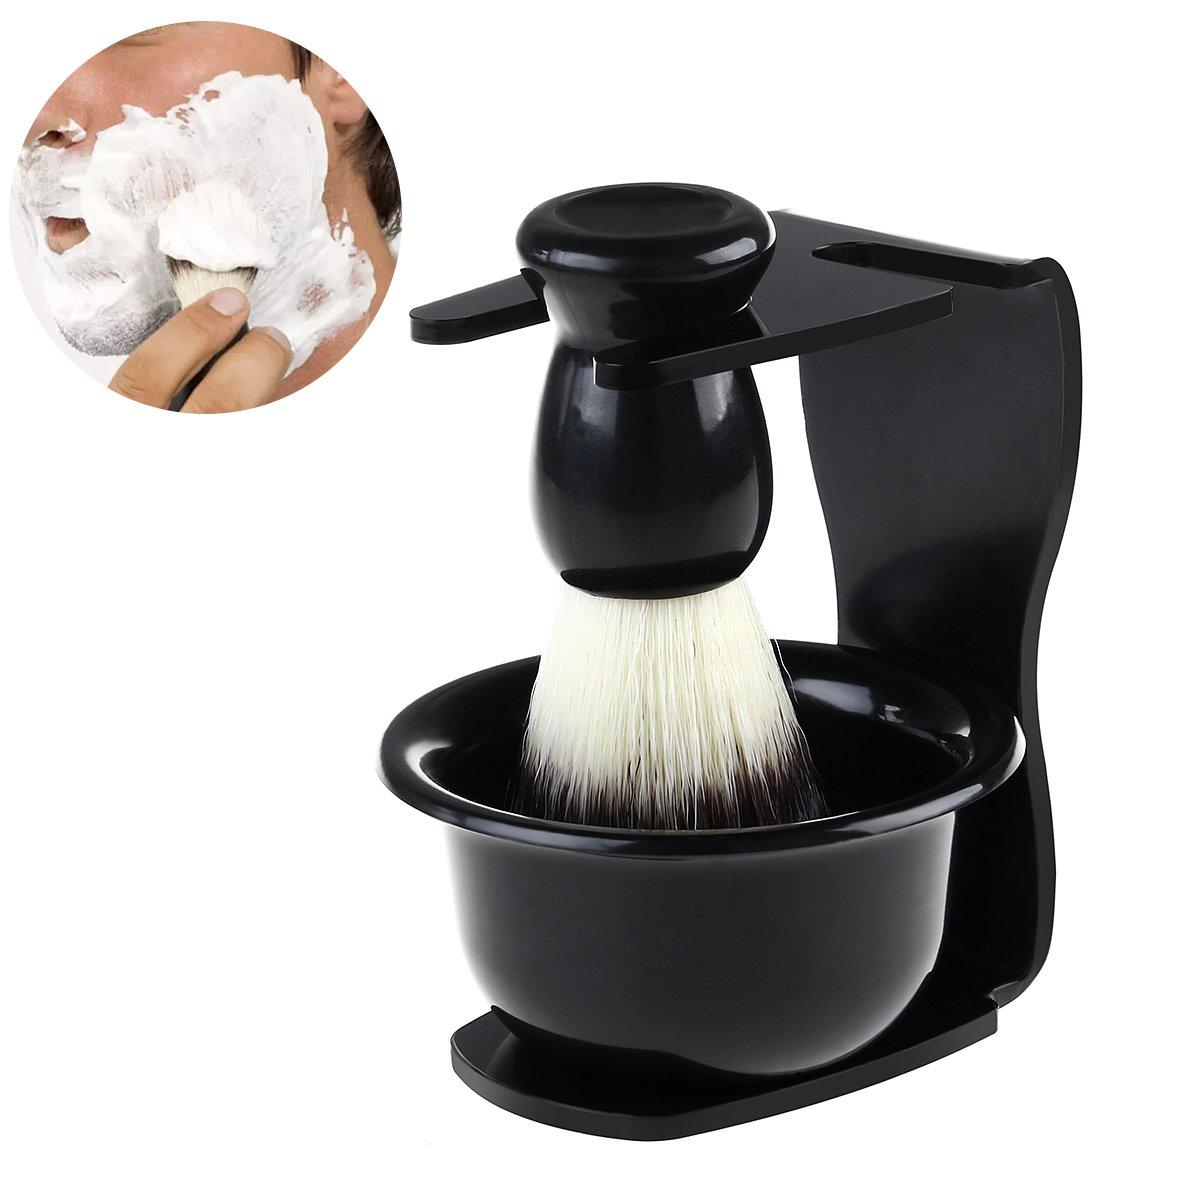 Rosenice Kit de afeitar para hombres, afeitado, cepillo, soporte, afeitado, taza, Conjunto, padre, día, regalo